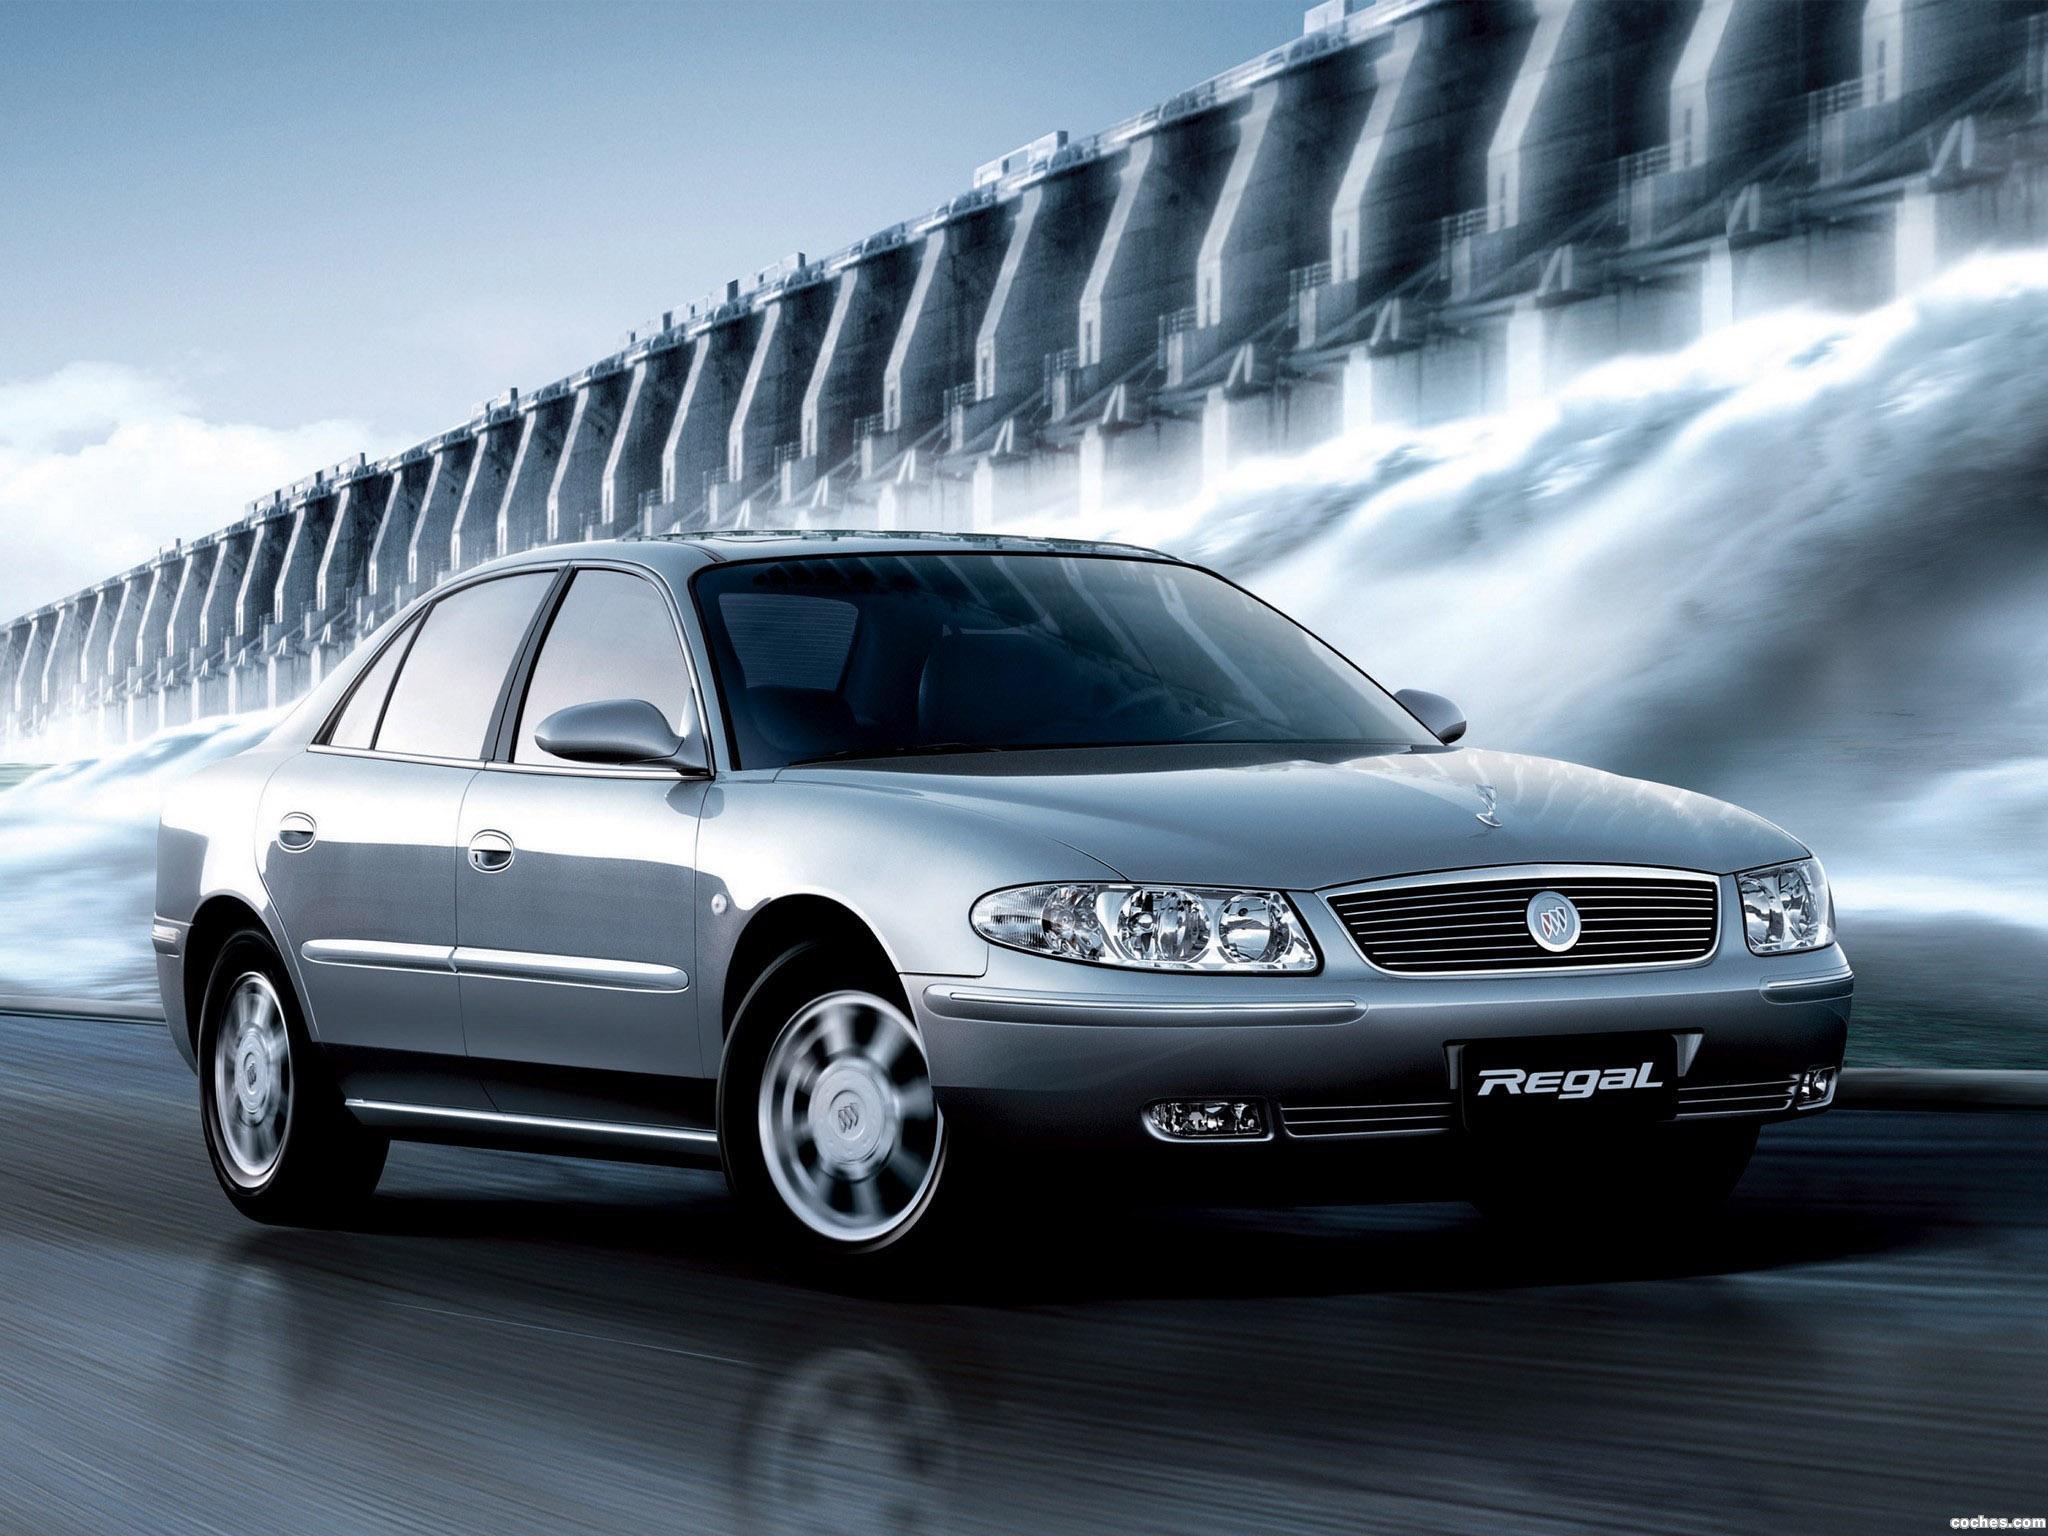 Foto 0 de Buick Regal China 2005